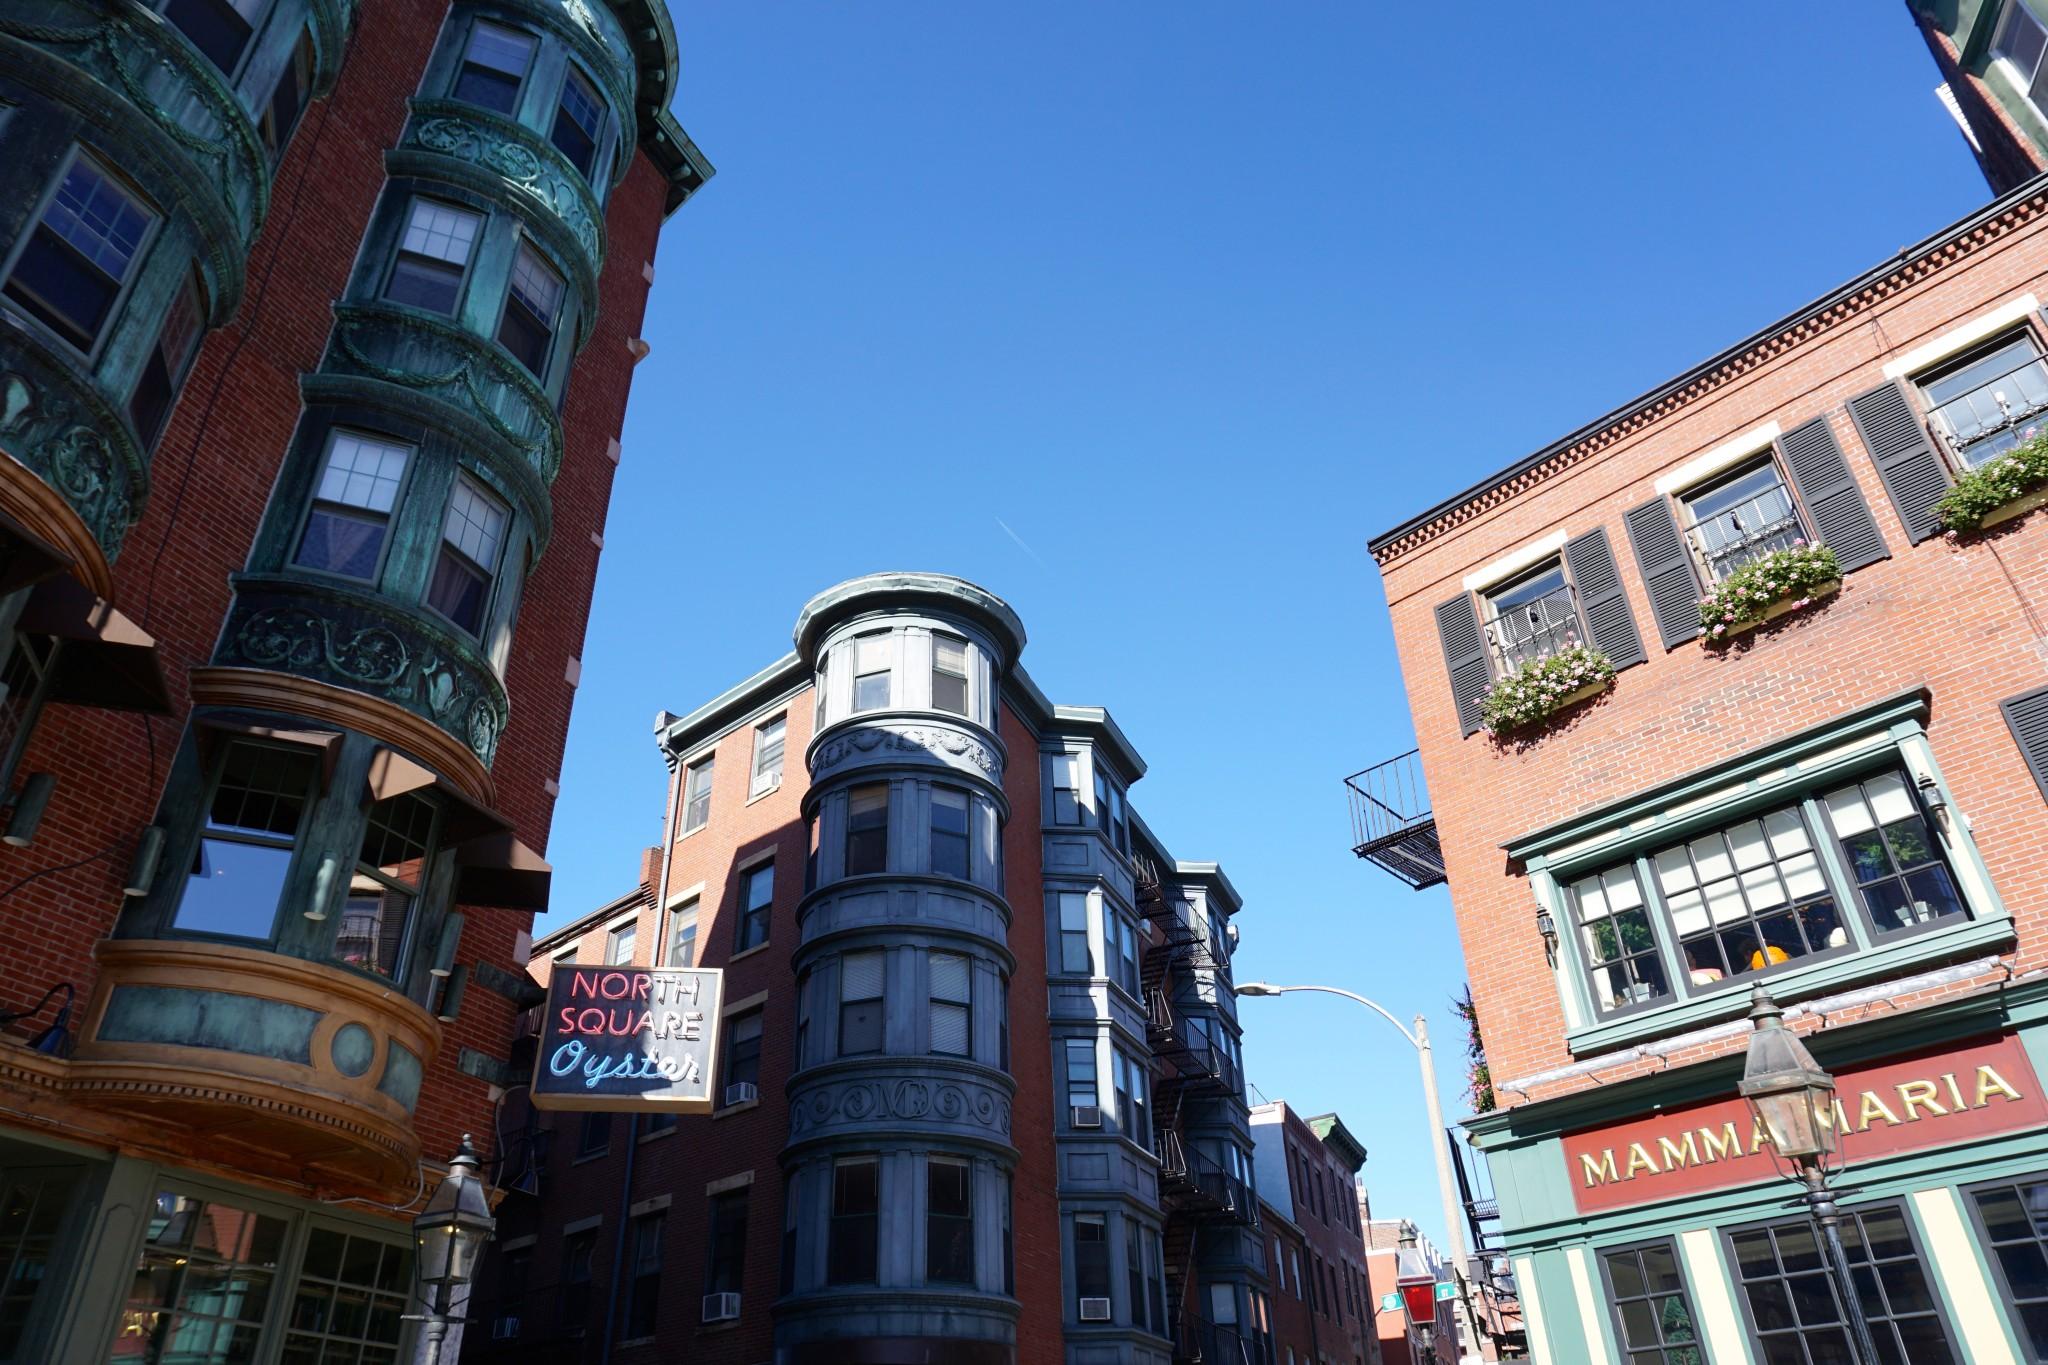 boston north end, north square, the-alyst.com